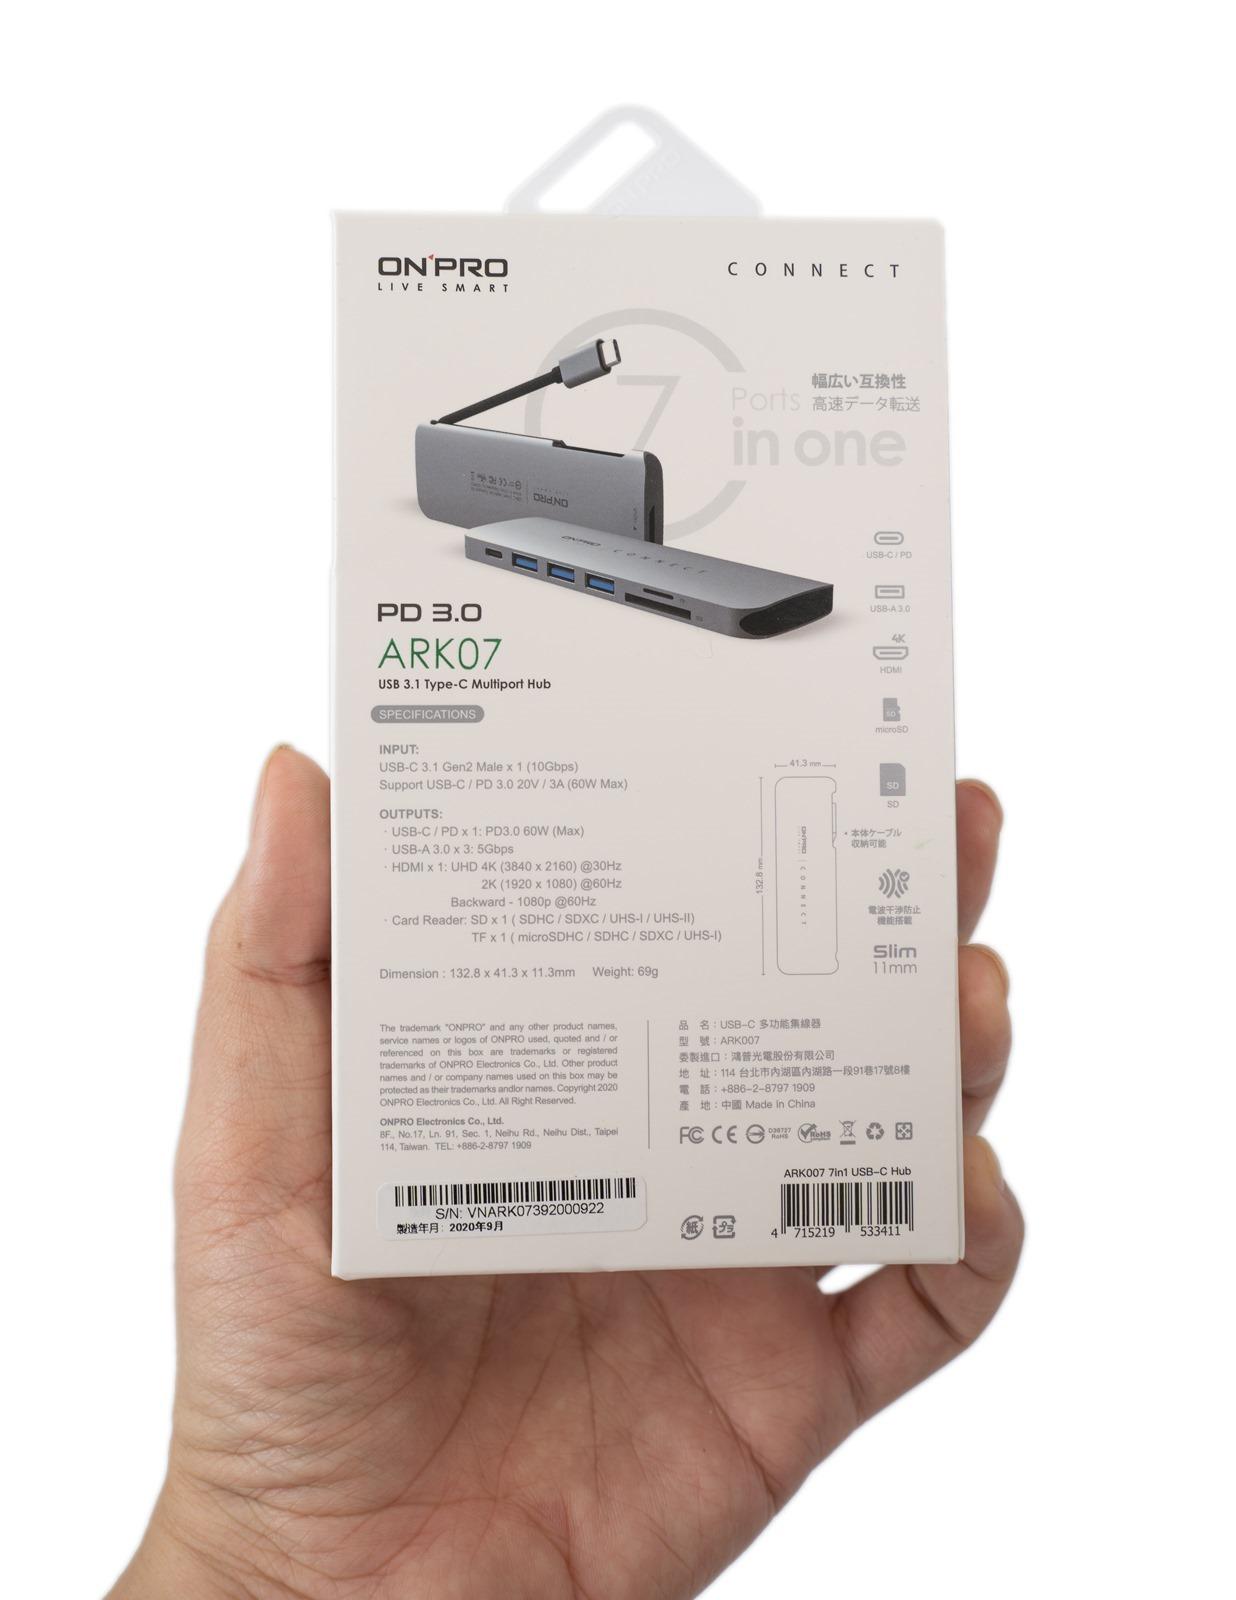 符合各種需求,從 5 合 1、7 合 1 到 11 合 1!每台筆電都有最適合的 ONPRO ARK Type-C 擴充多功能集線器 @3C 達人廖阿輝